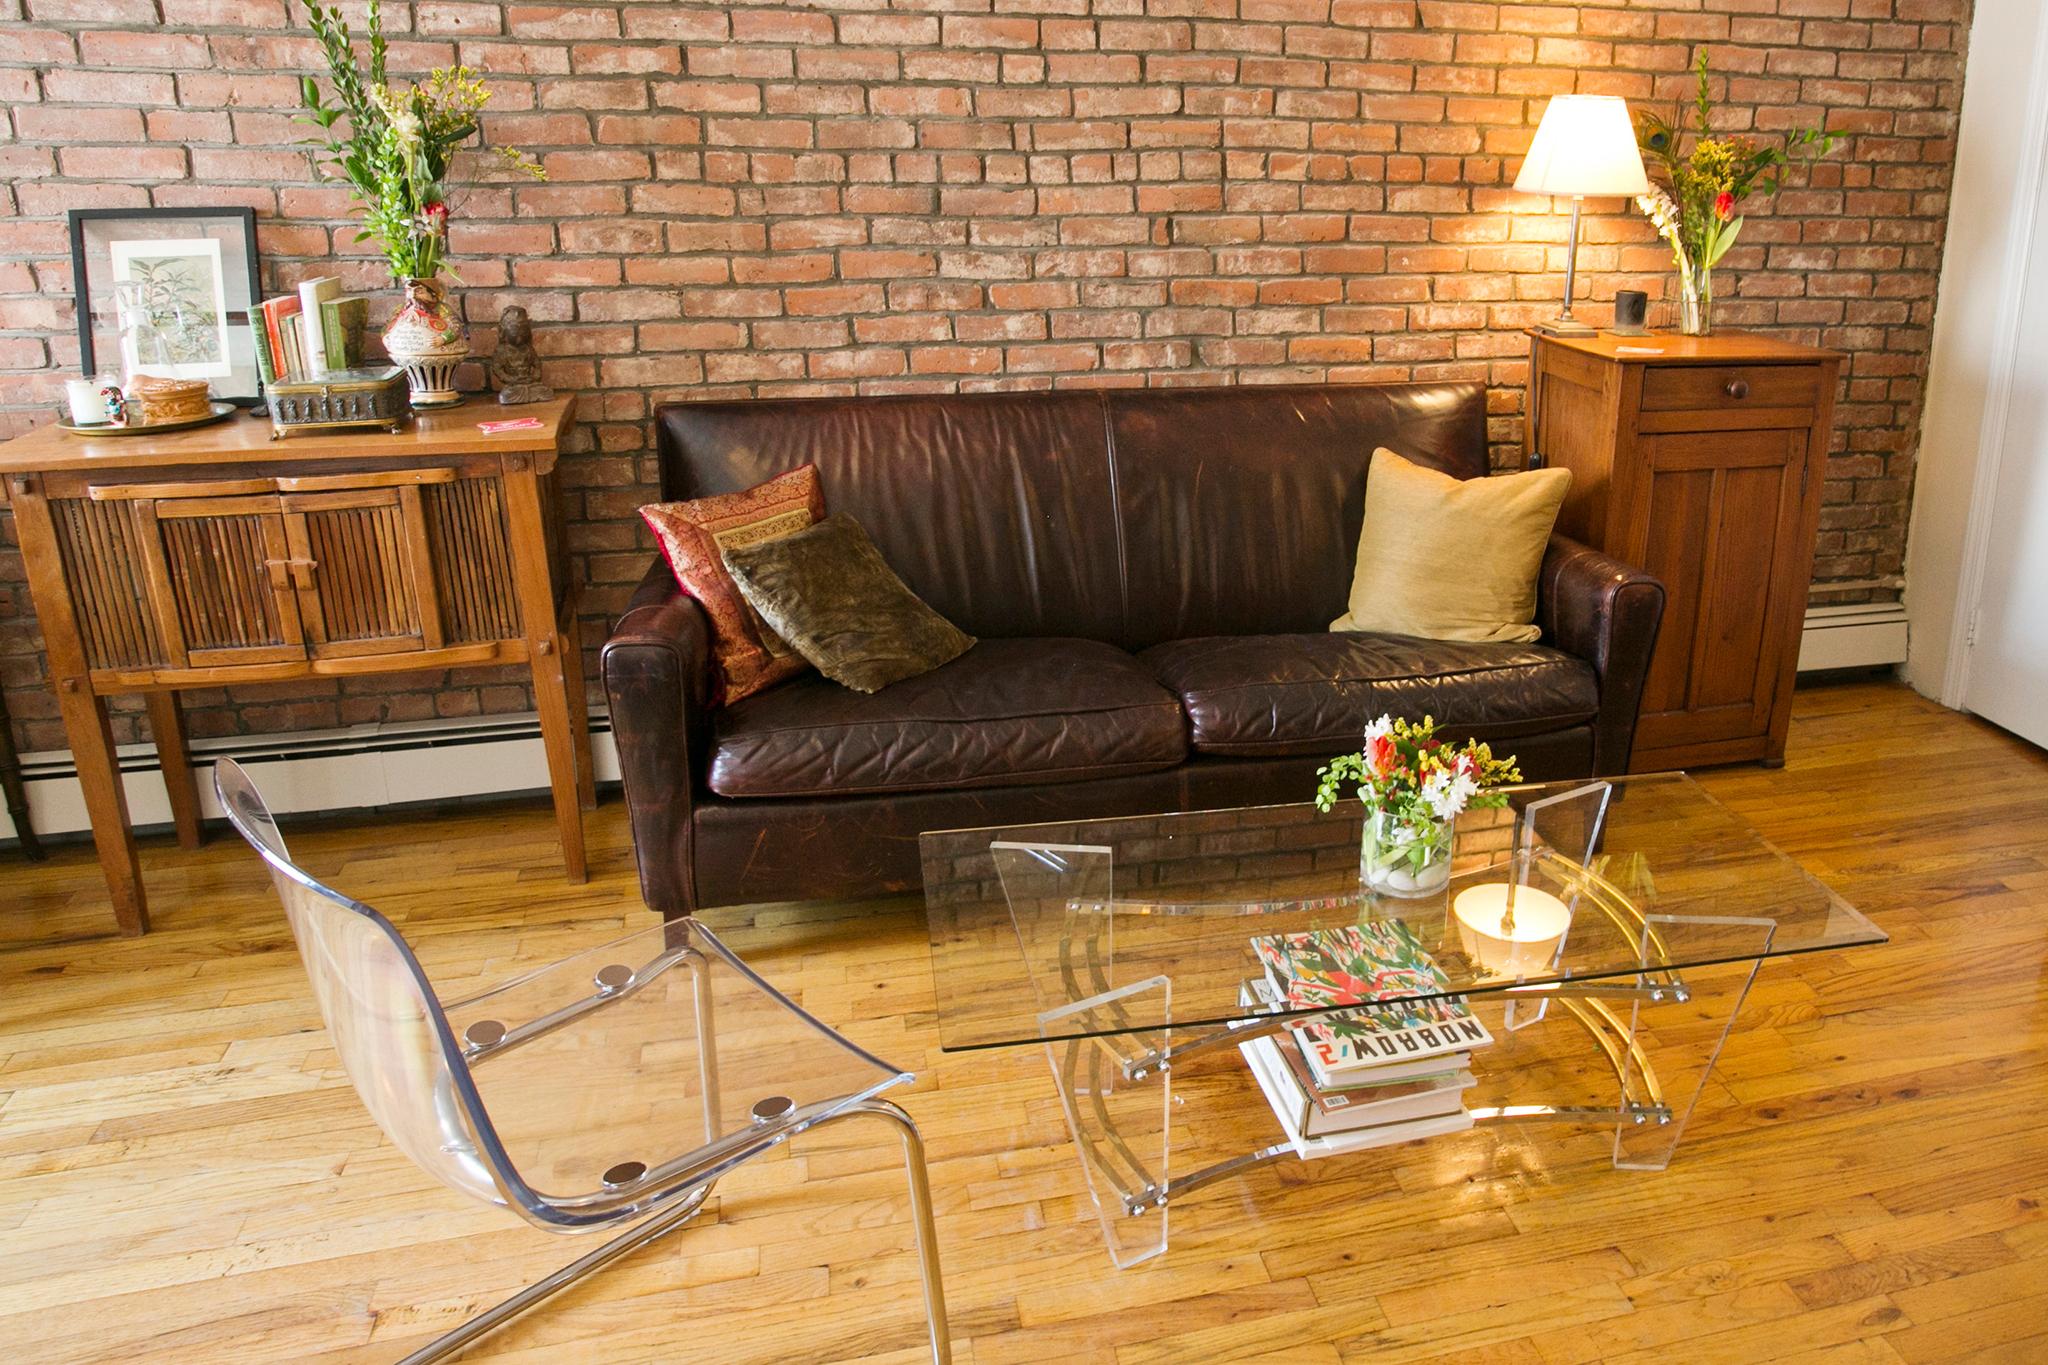 Studio in Park Slope, Brooklyn